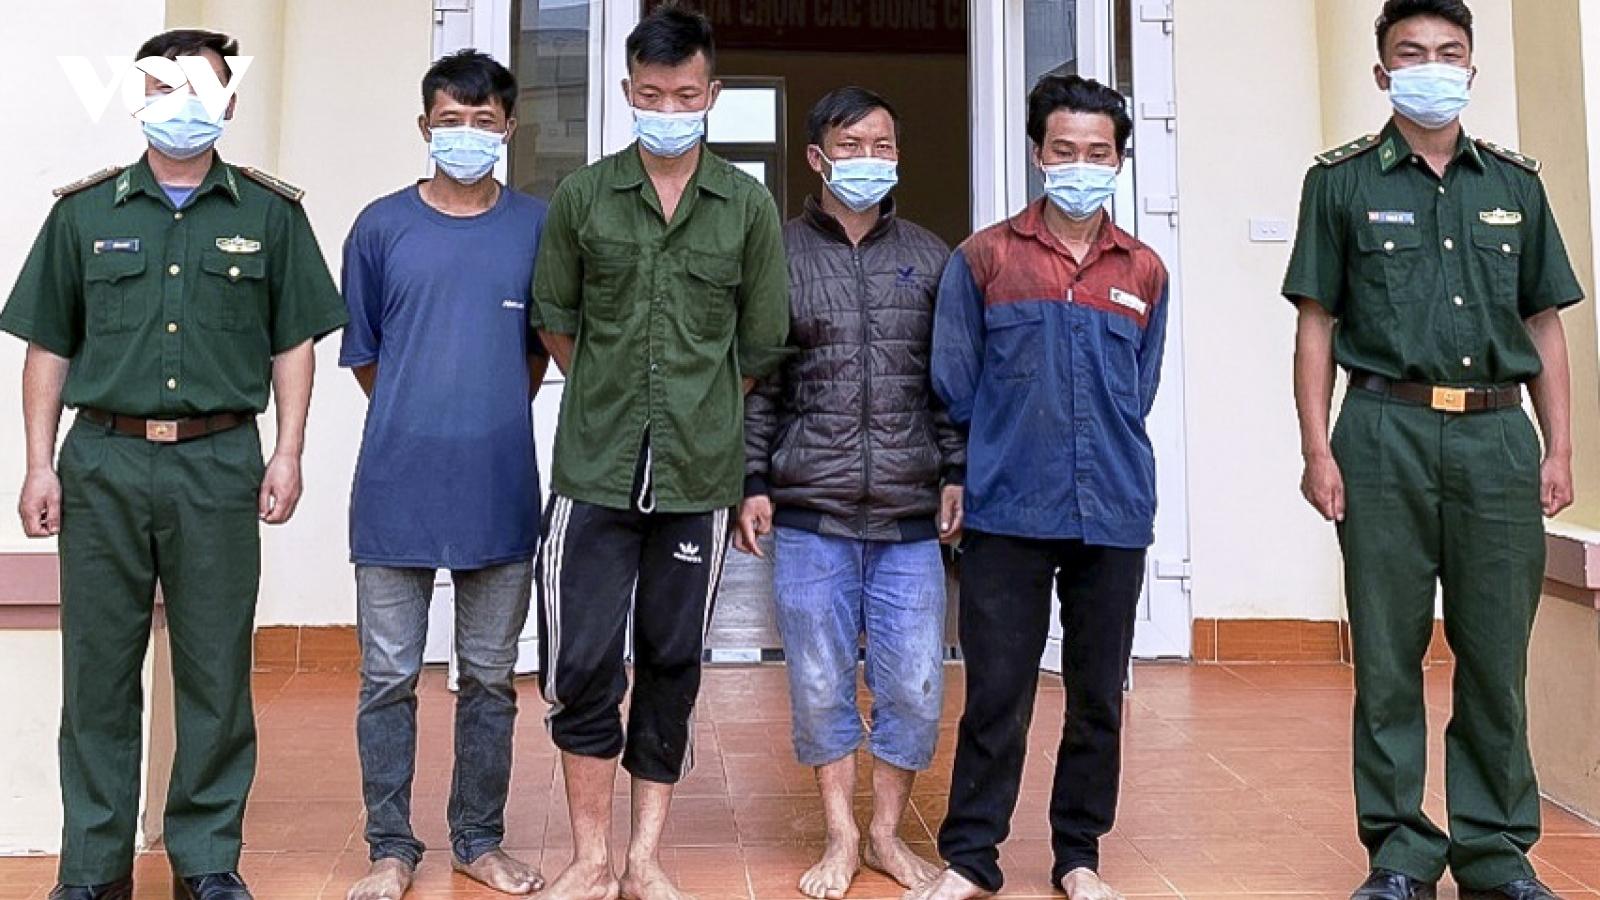 Phát hiện 4 đối tượng vượt biên trái phép ở Điện Biên